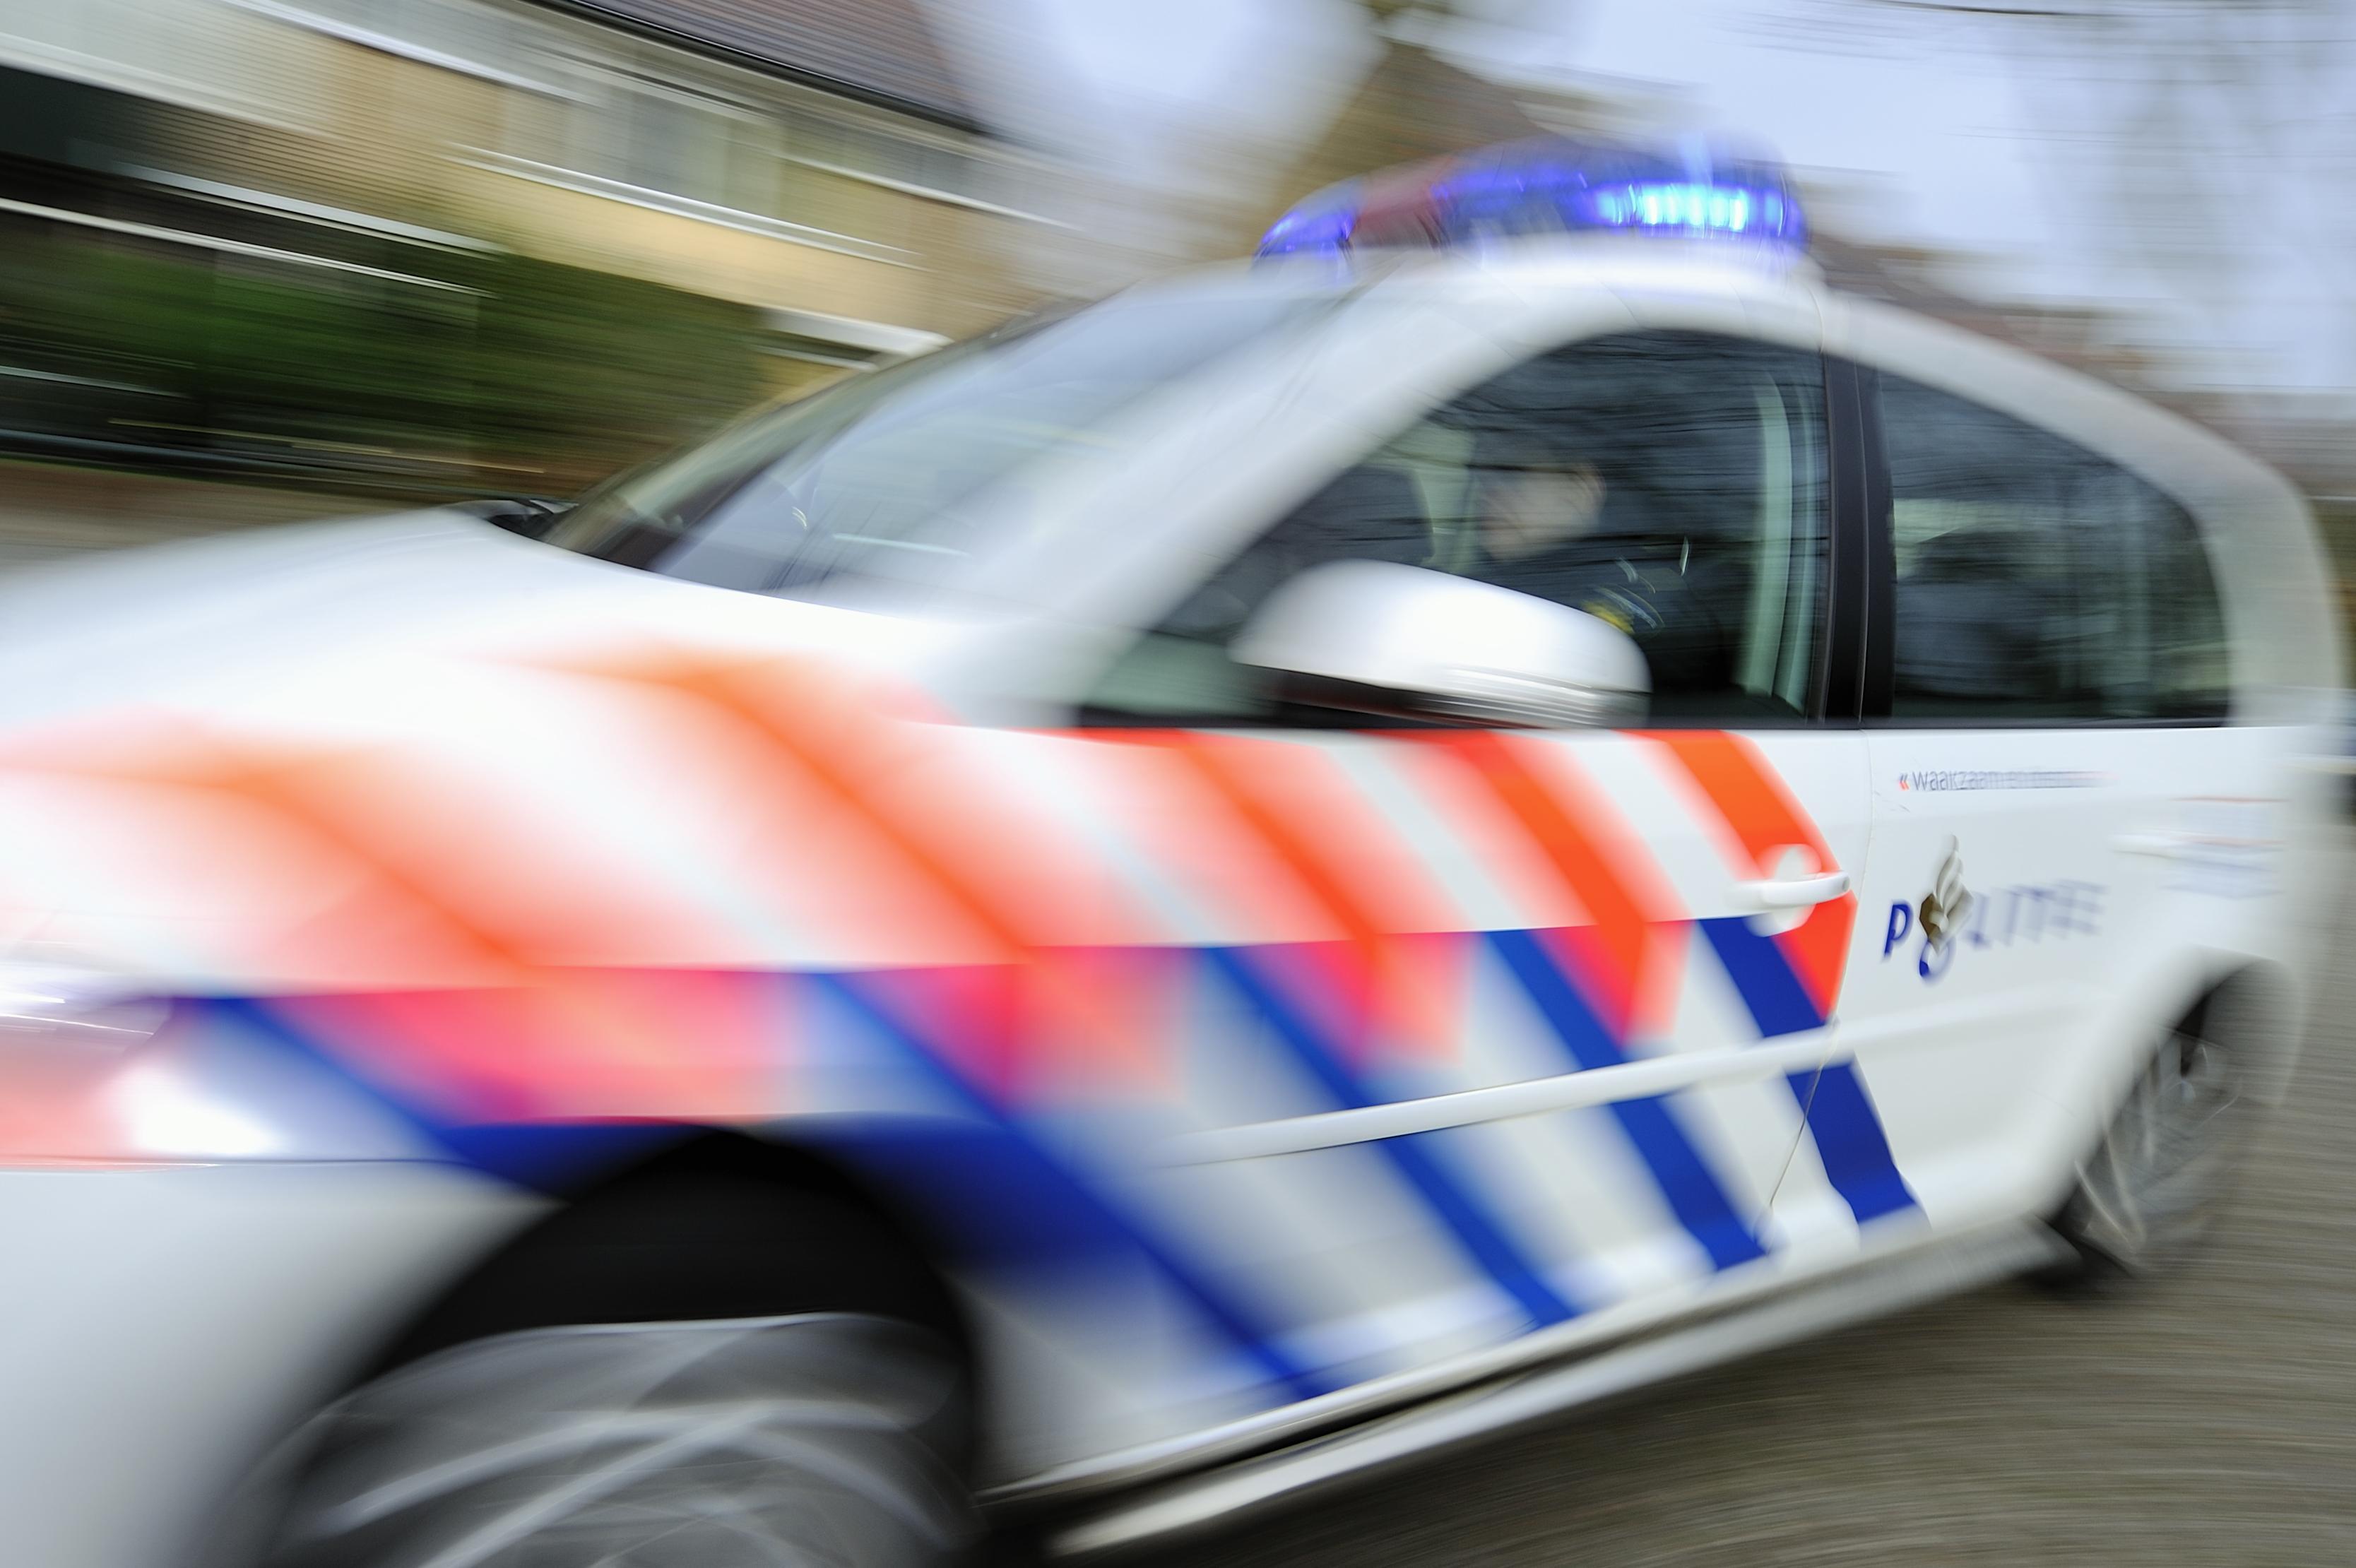 50-jarige man uit Egmond aan Zee vast na overdracht van 80 kilo MDMA